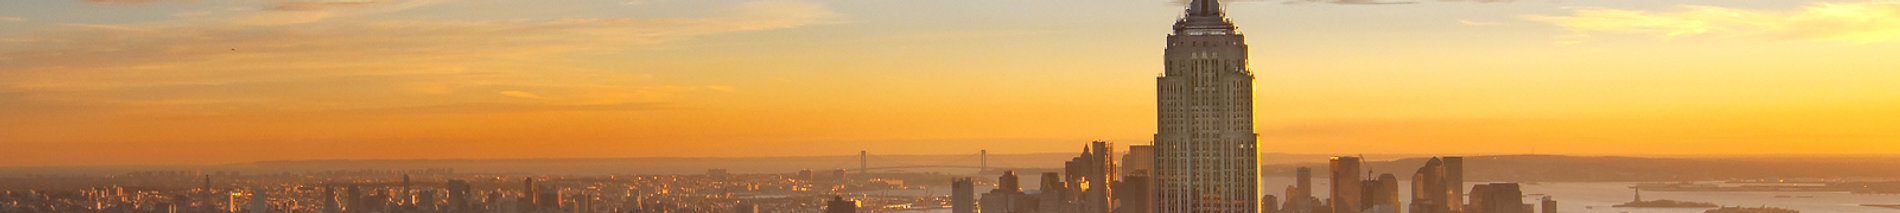 Cidade - vista aérea